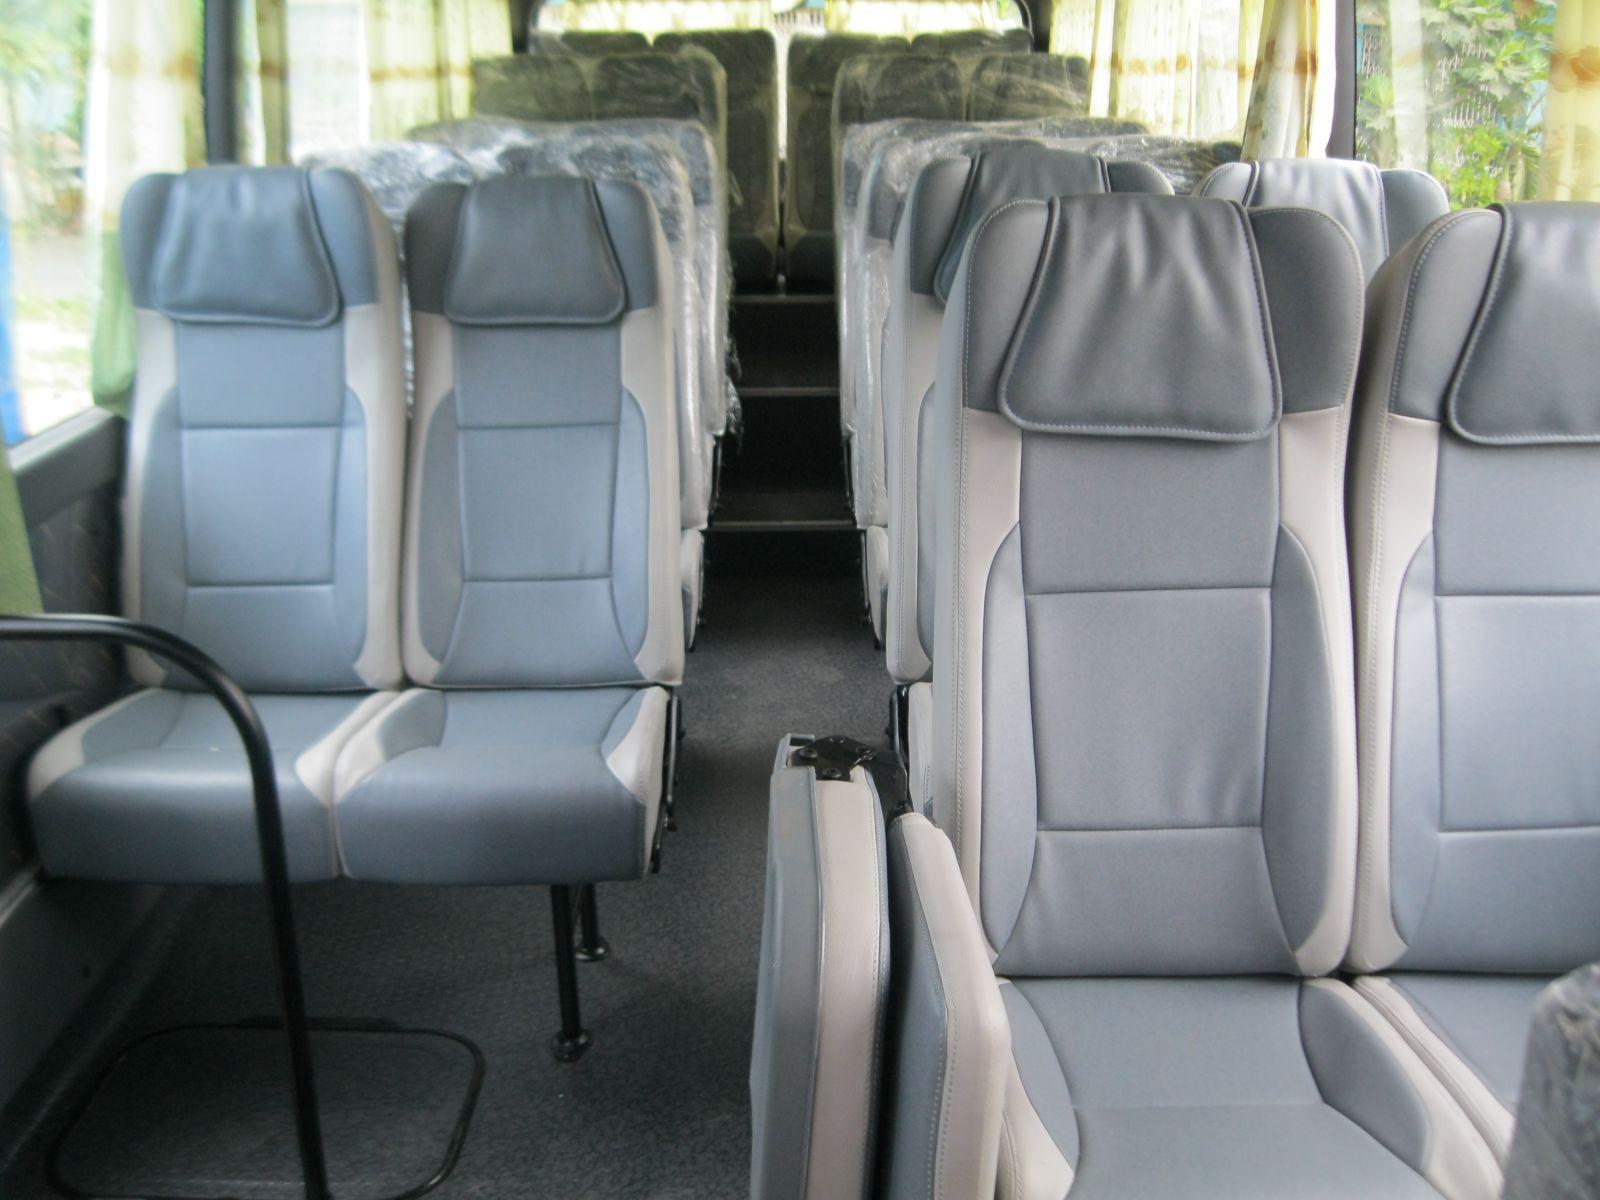 ghế ngả bằng simili và vải nỉ cao cấp của xe hyundai county 29 chỗ